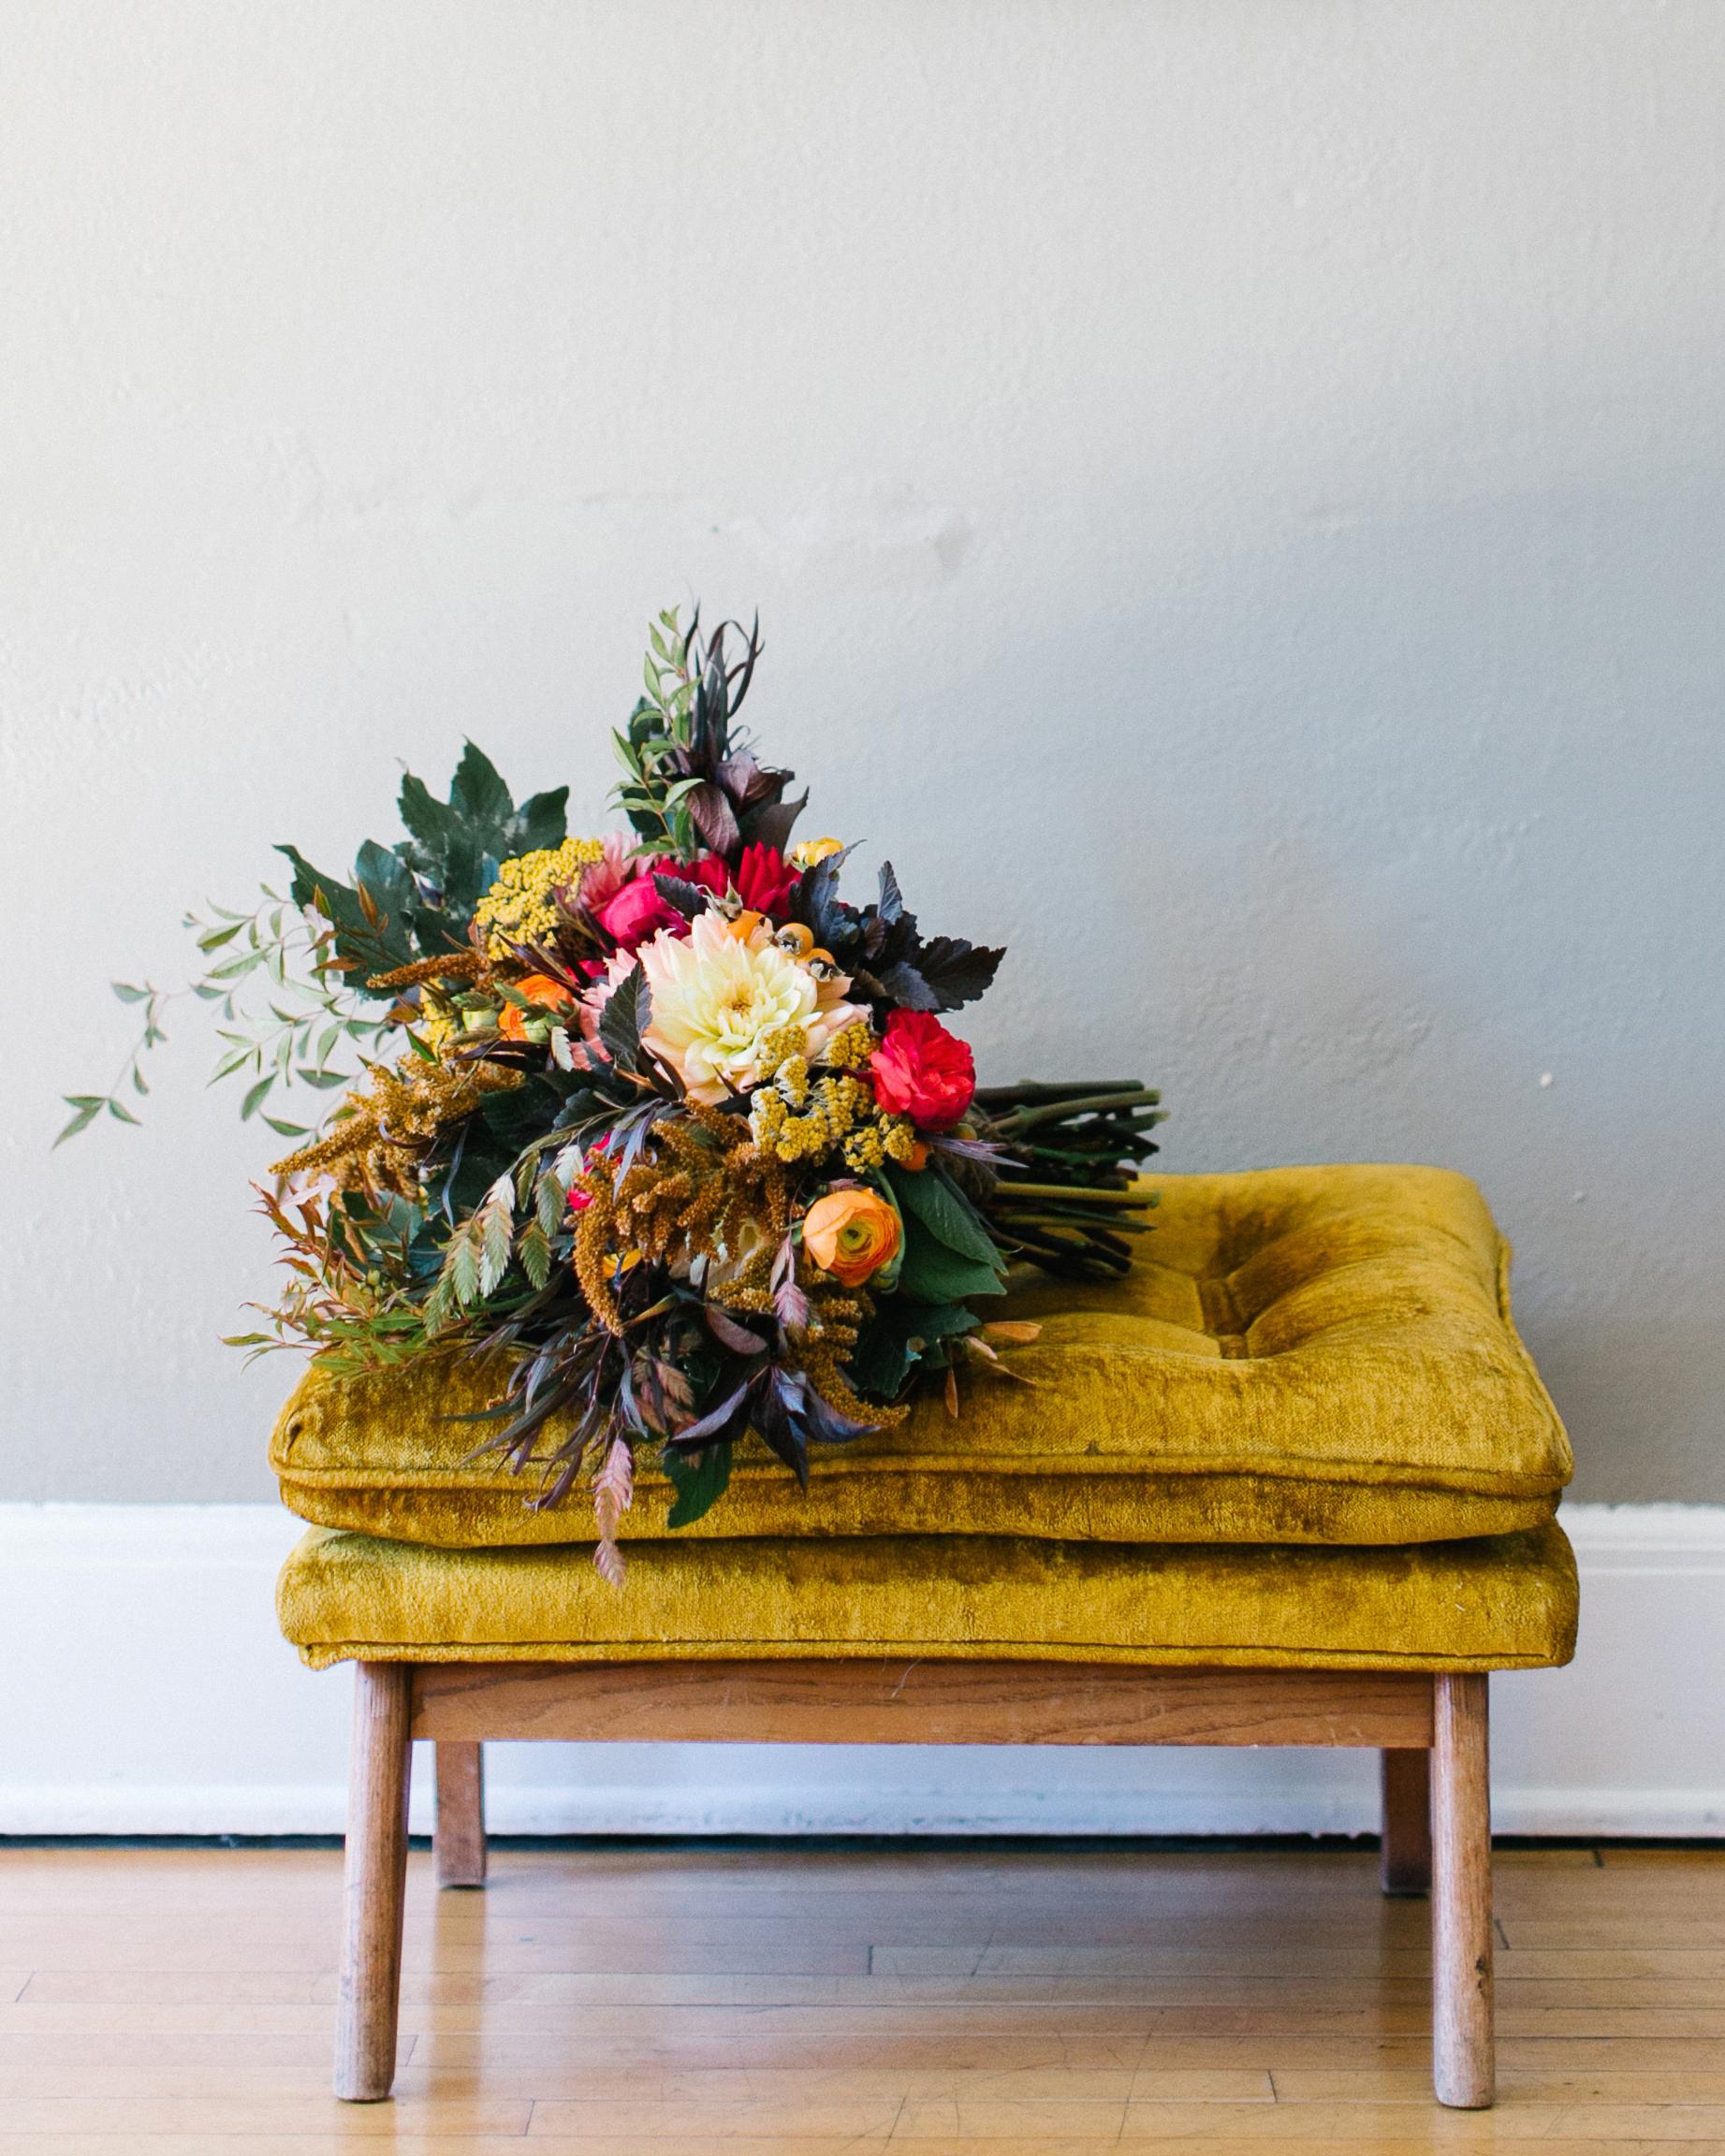 marguerita-aaron-wedding-bouquet-012-s111848-0214.jpg